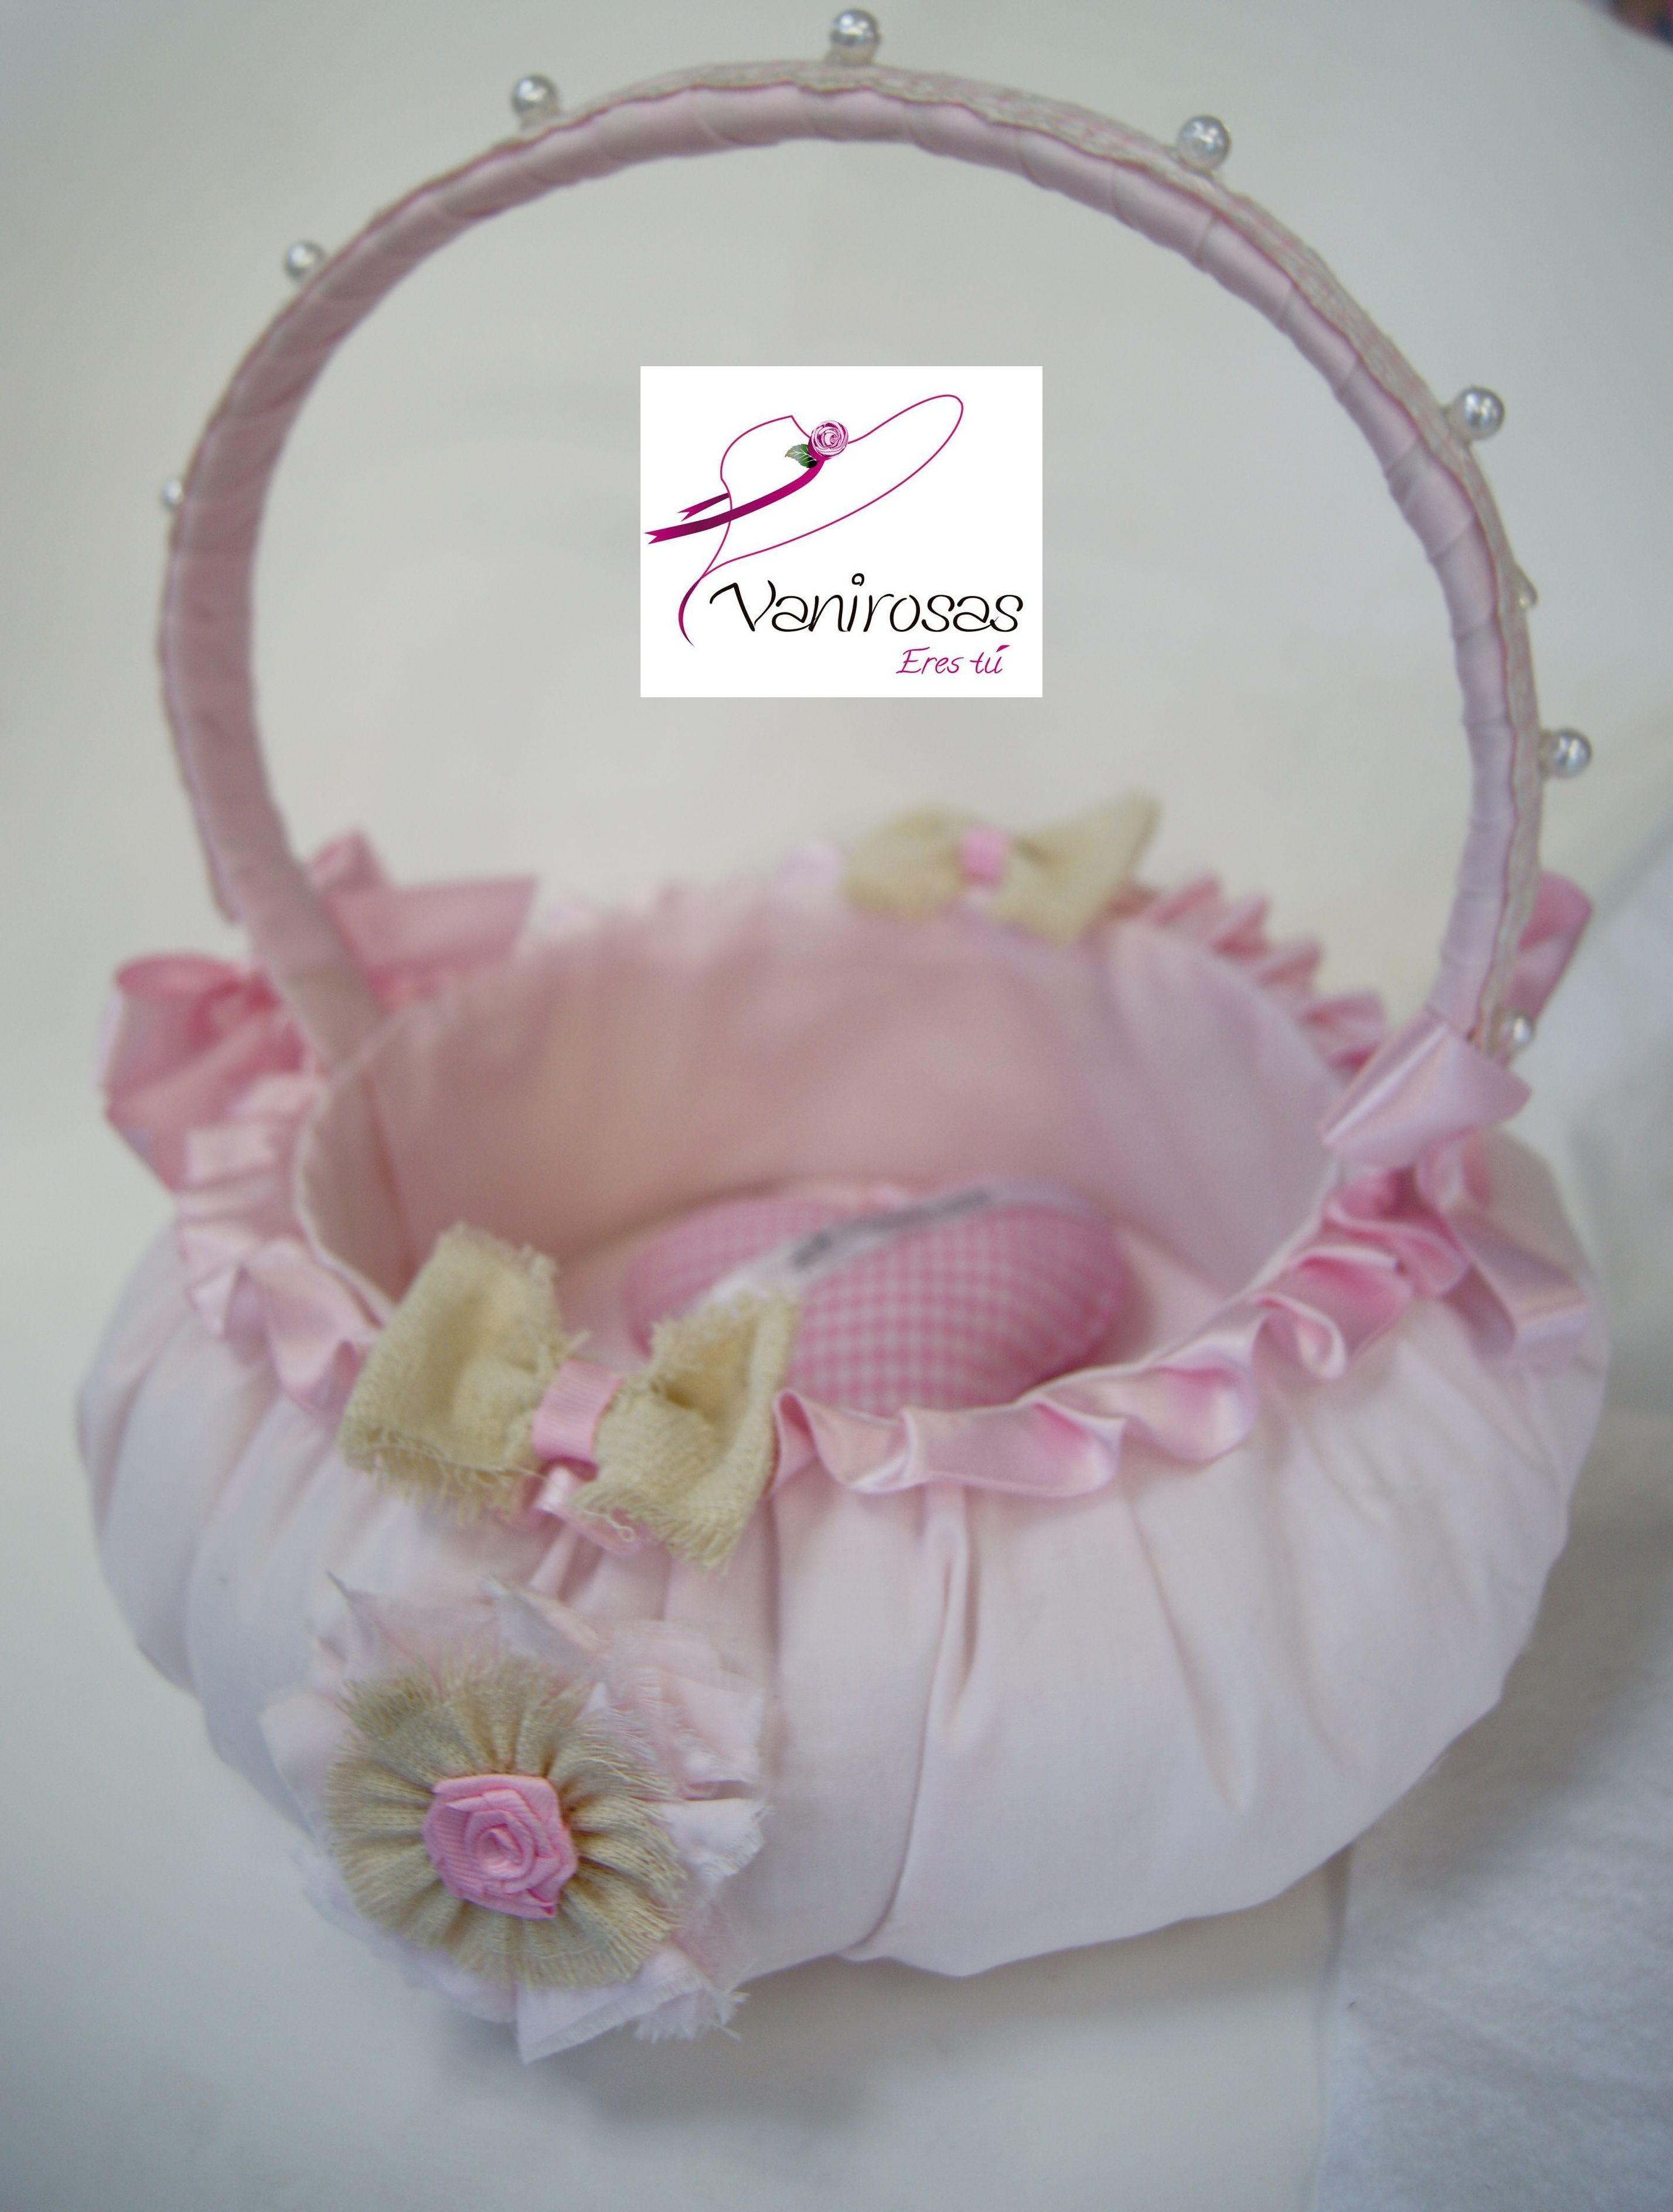 86086aa15 Canasta de tela nanzu, tono rosa palido o rosa bebe. Para los souvenir.  Estamos en el Centro de Lima. En facebook: Vanirosas Peru